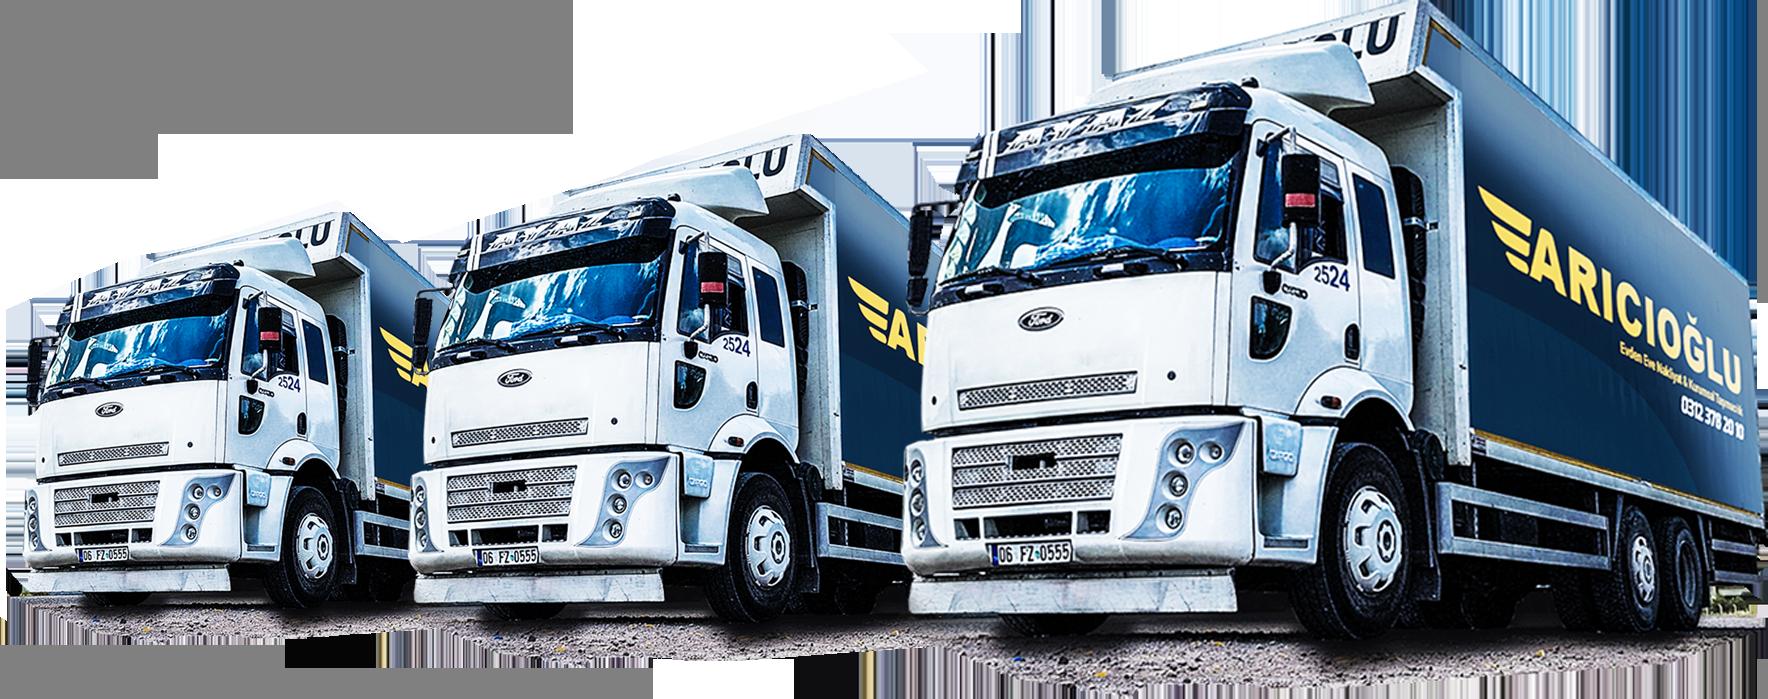 ankara evden eve nakliyat kamyonları